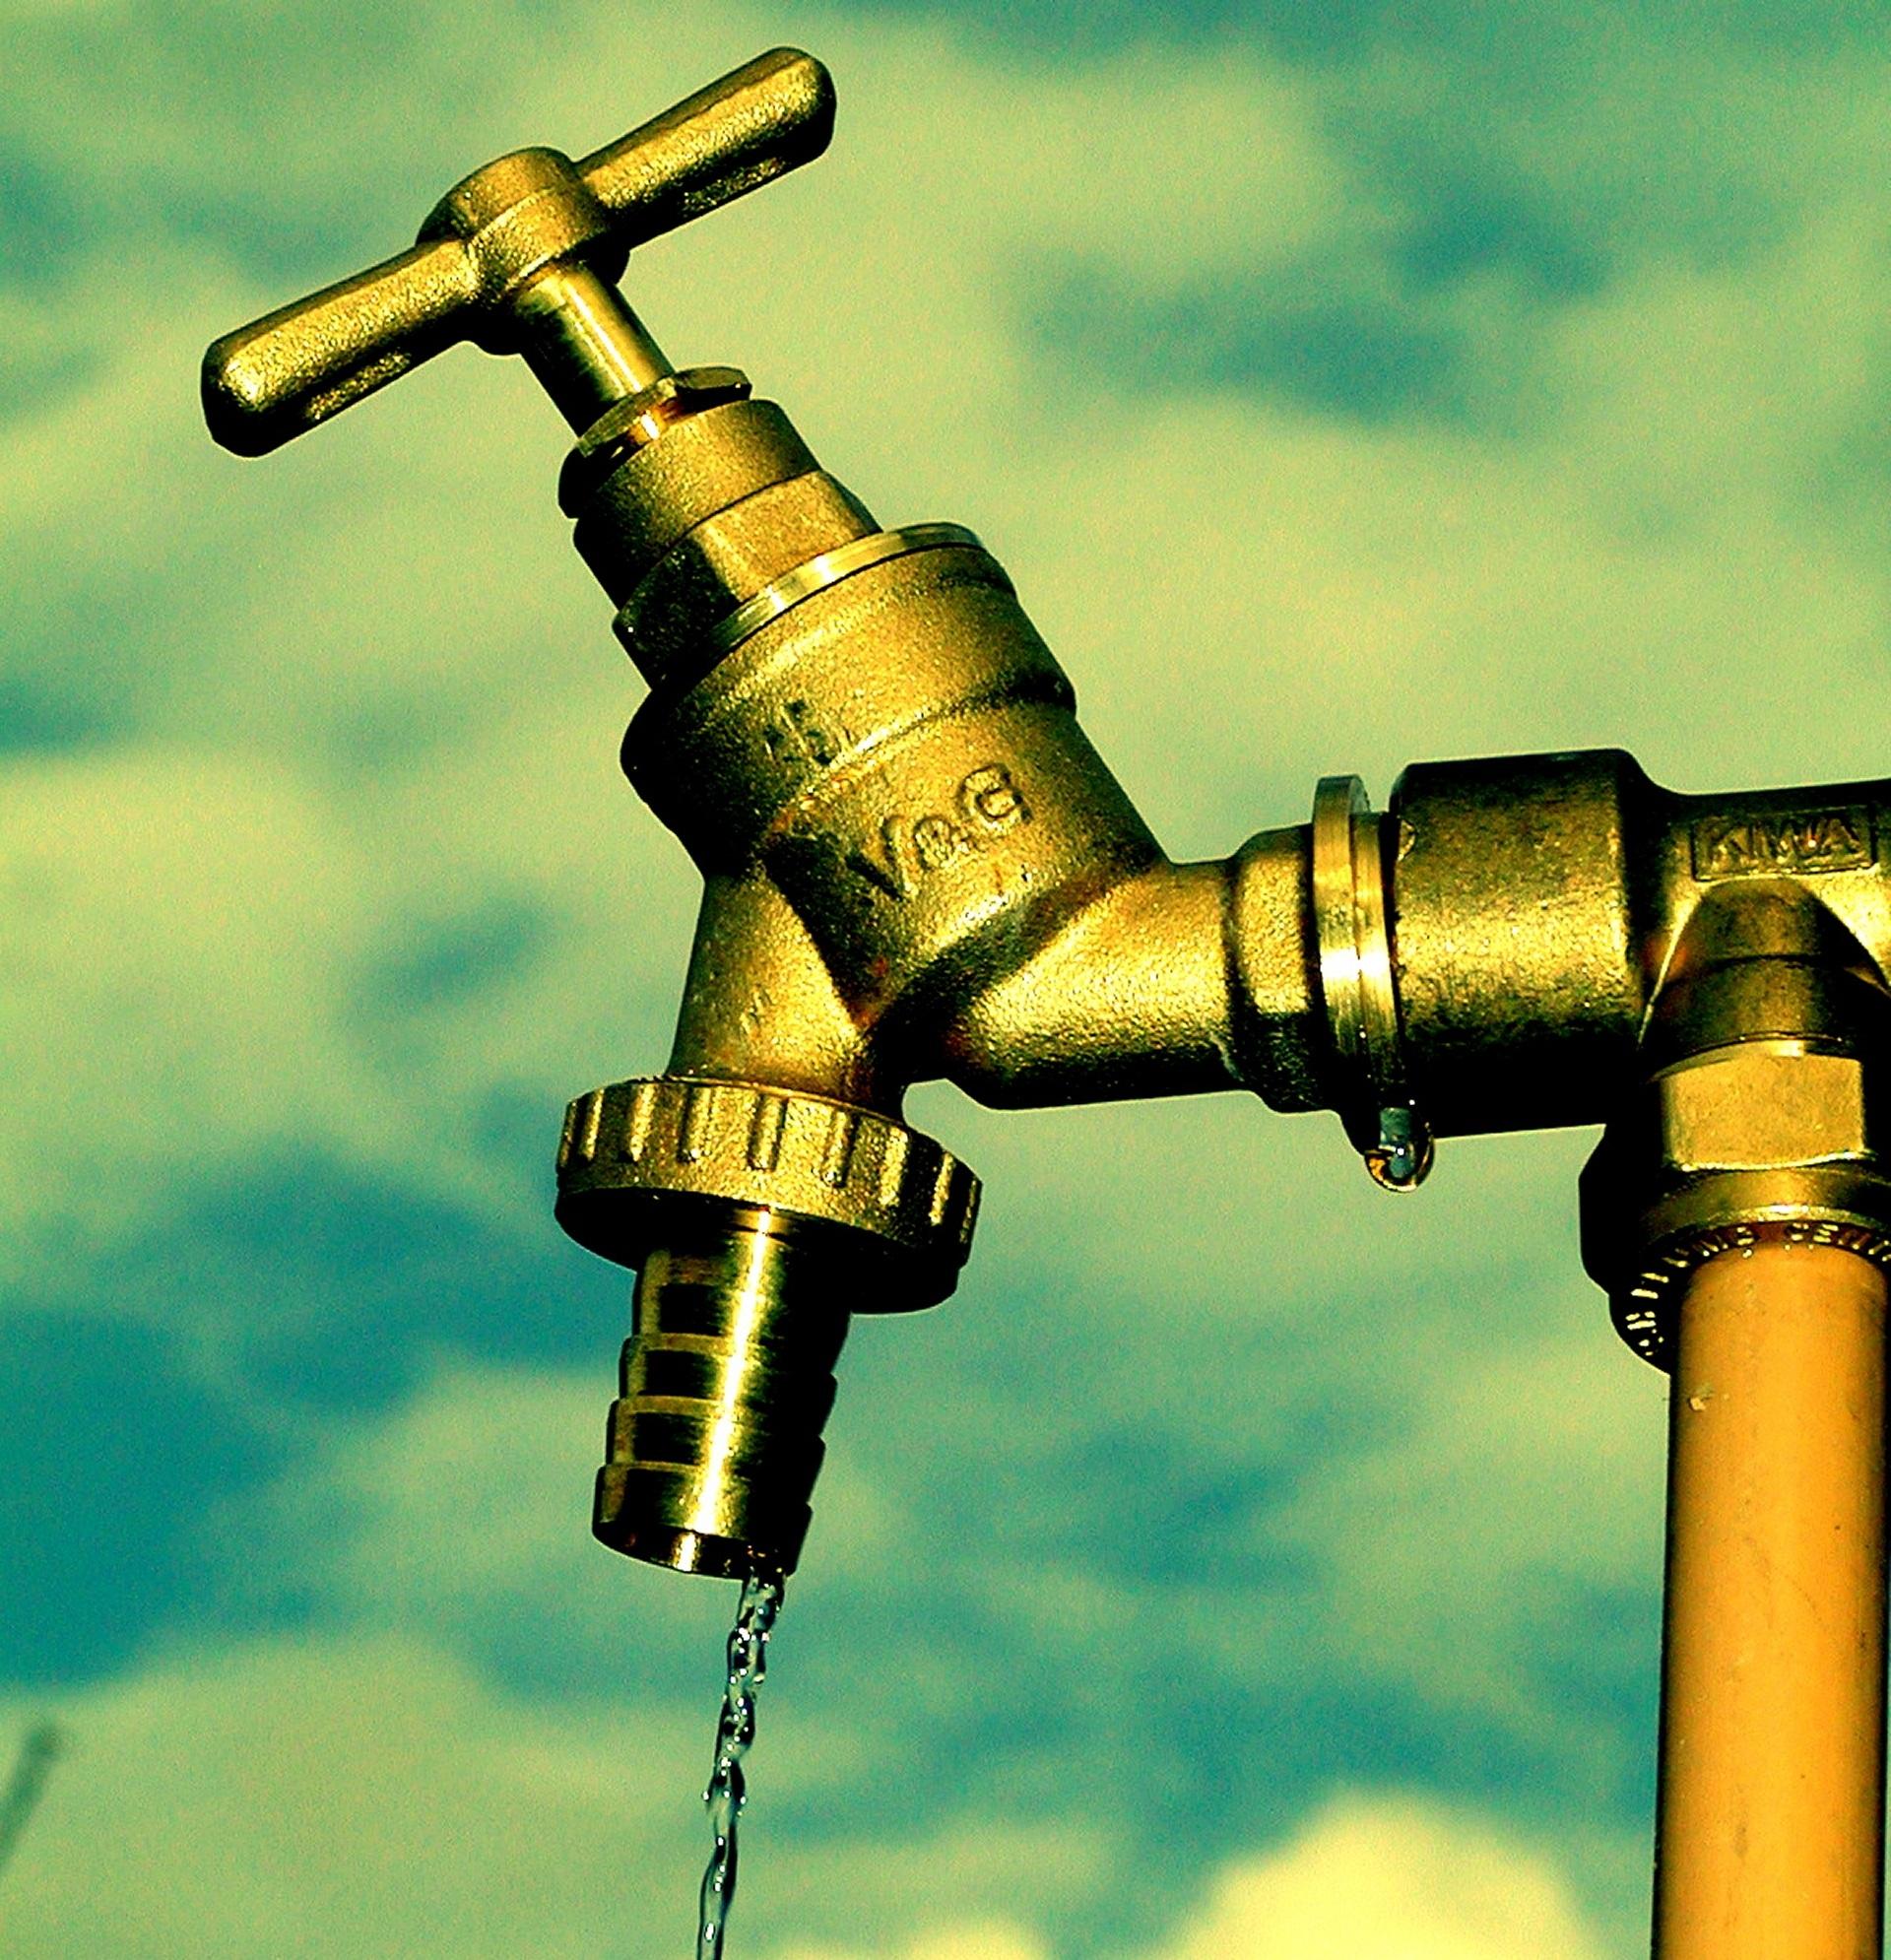 Červencová přednáška v Černovicích poradí jak na úspory s vodou v domácnosti